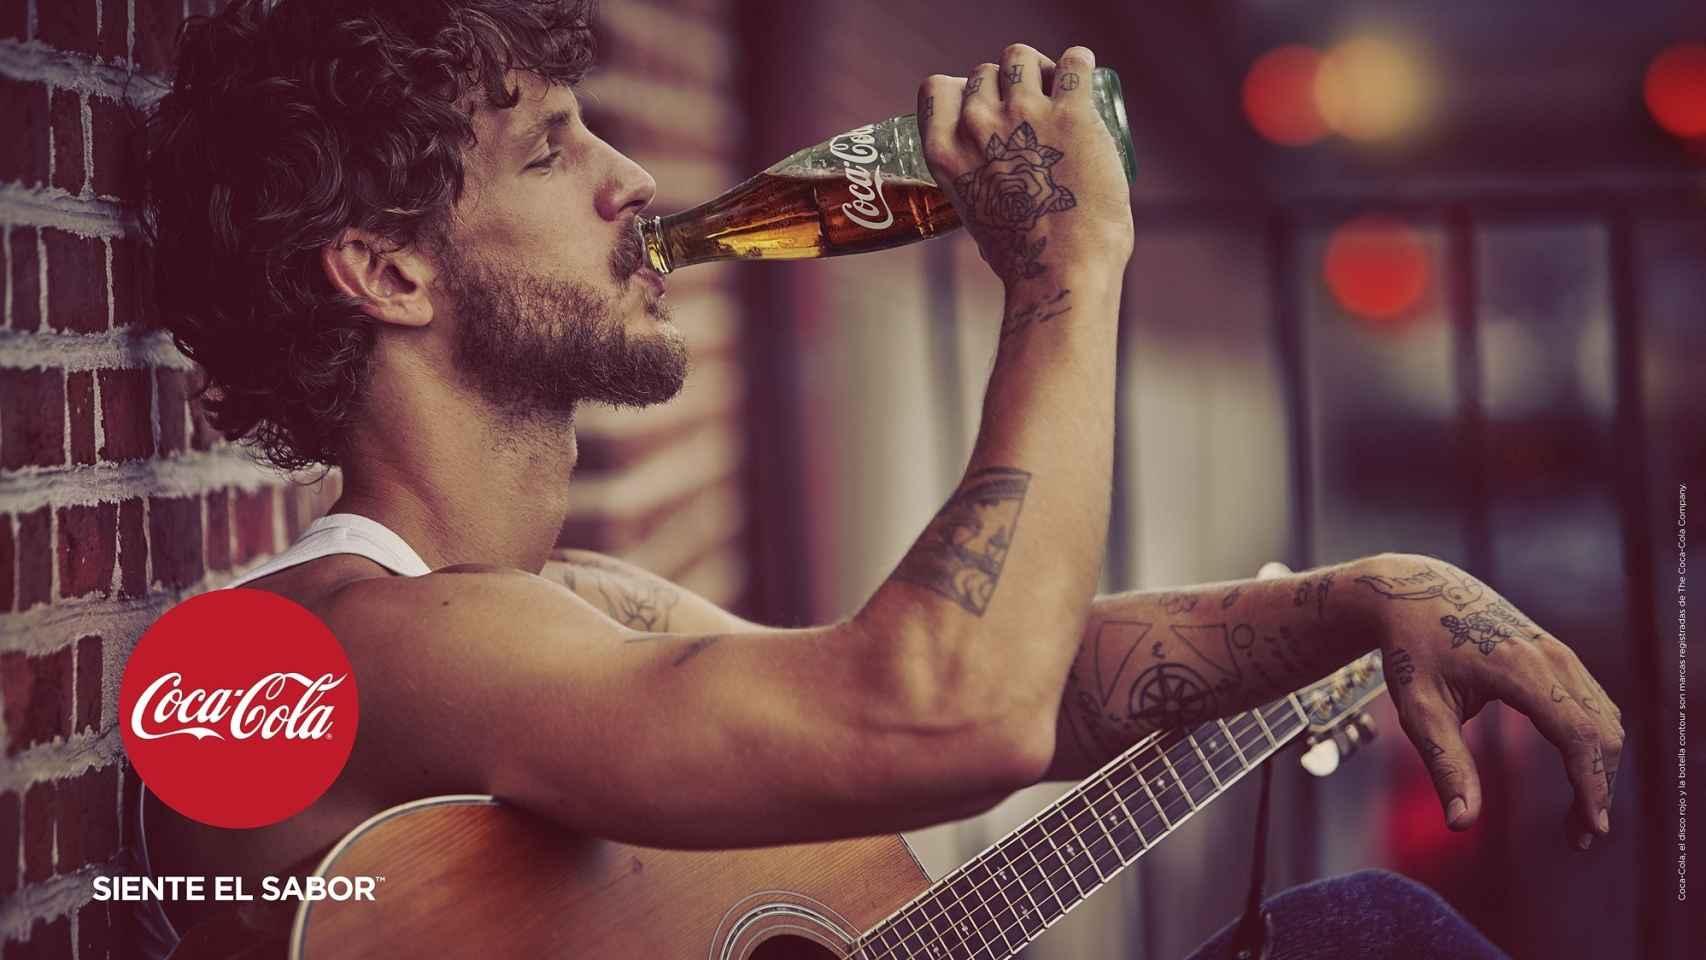 Imagen de la campaña publicitaria de Coca-Cola, uno de los principales anunciantes de España.